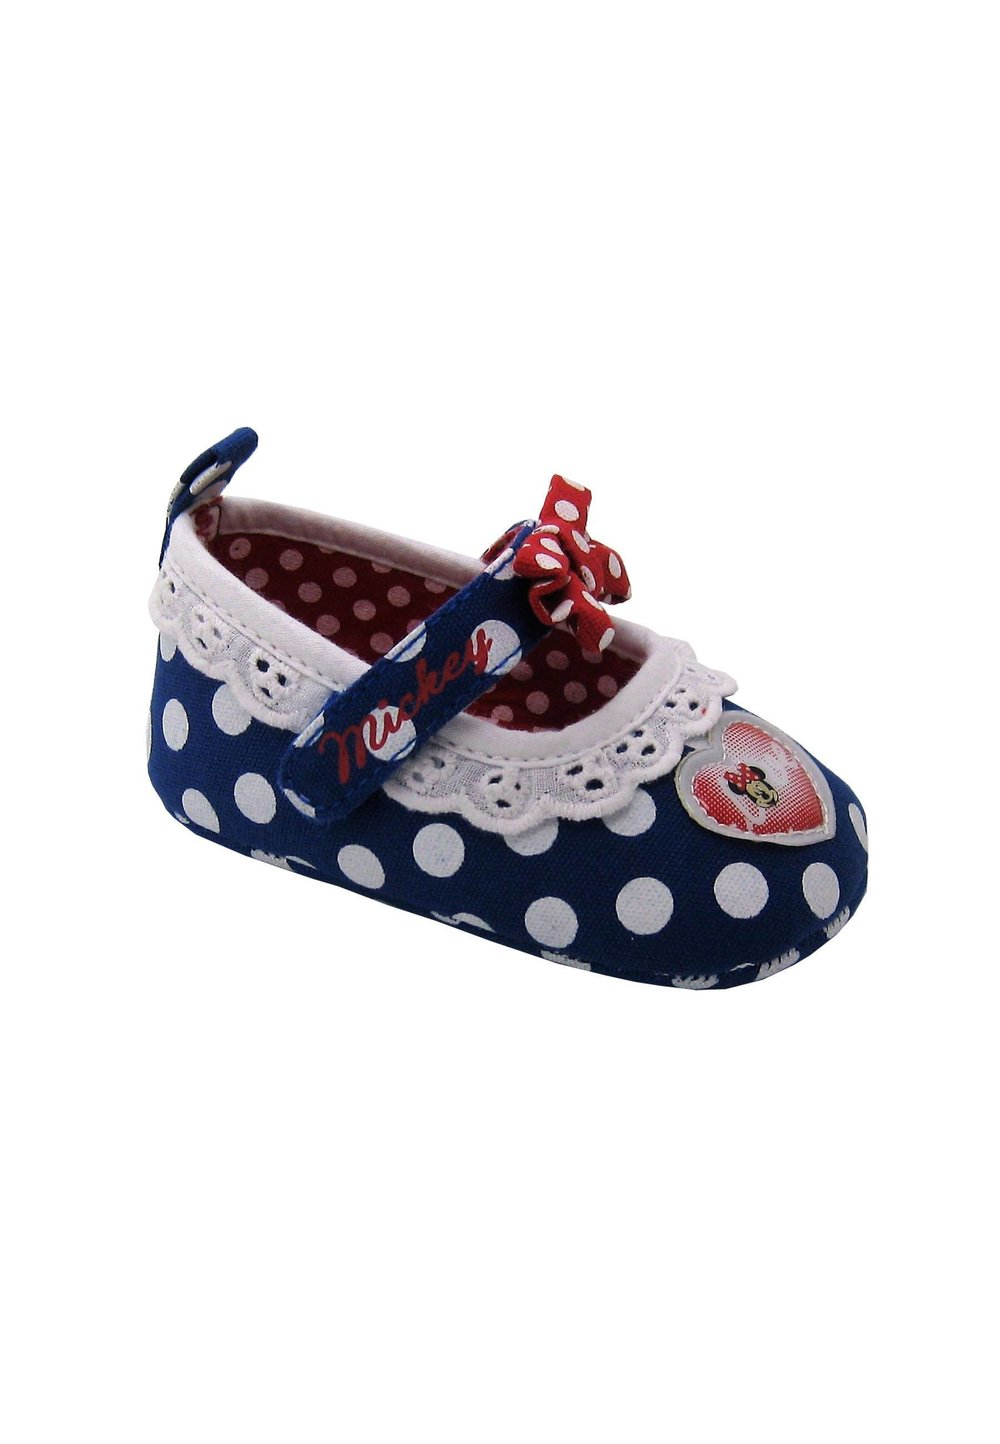 Incaltaminte bebe, albastru cu dantela, Minnie Mouse imagine